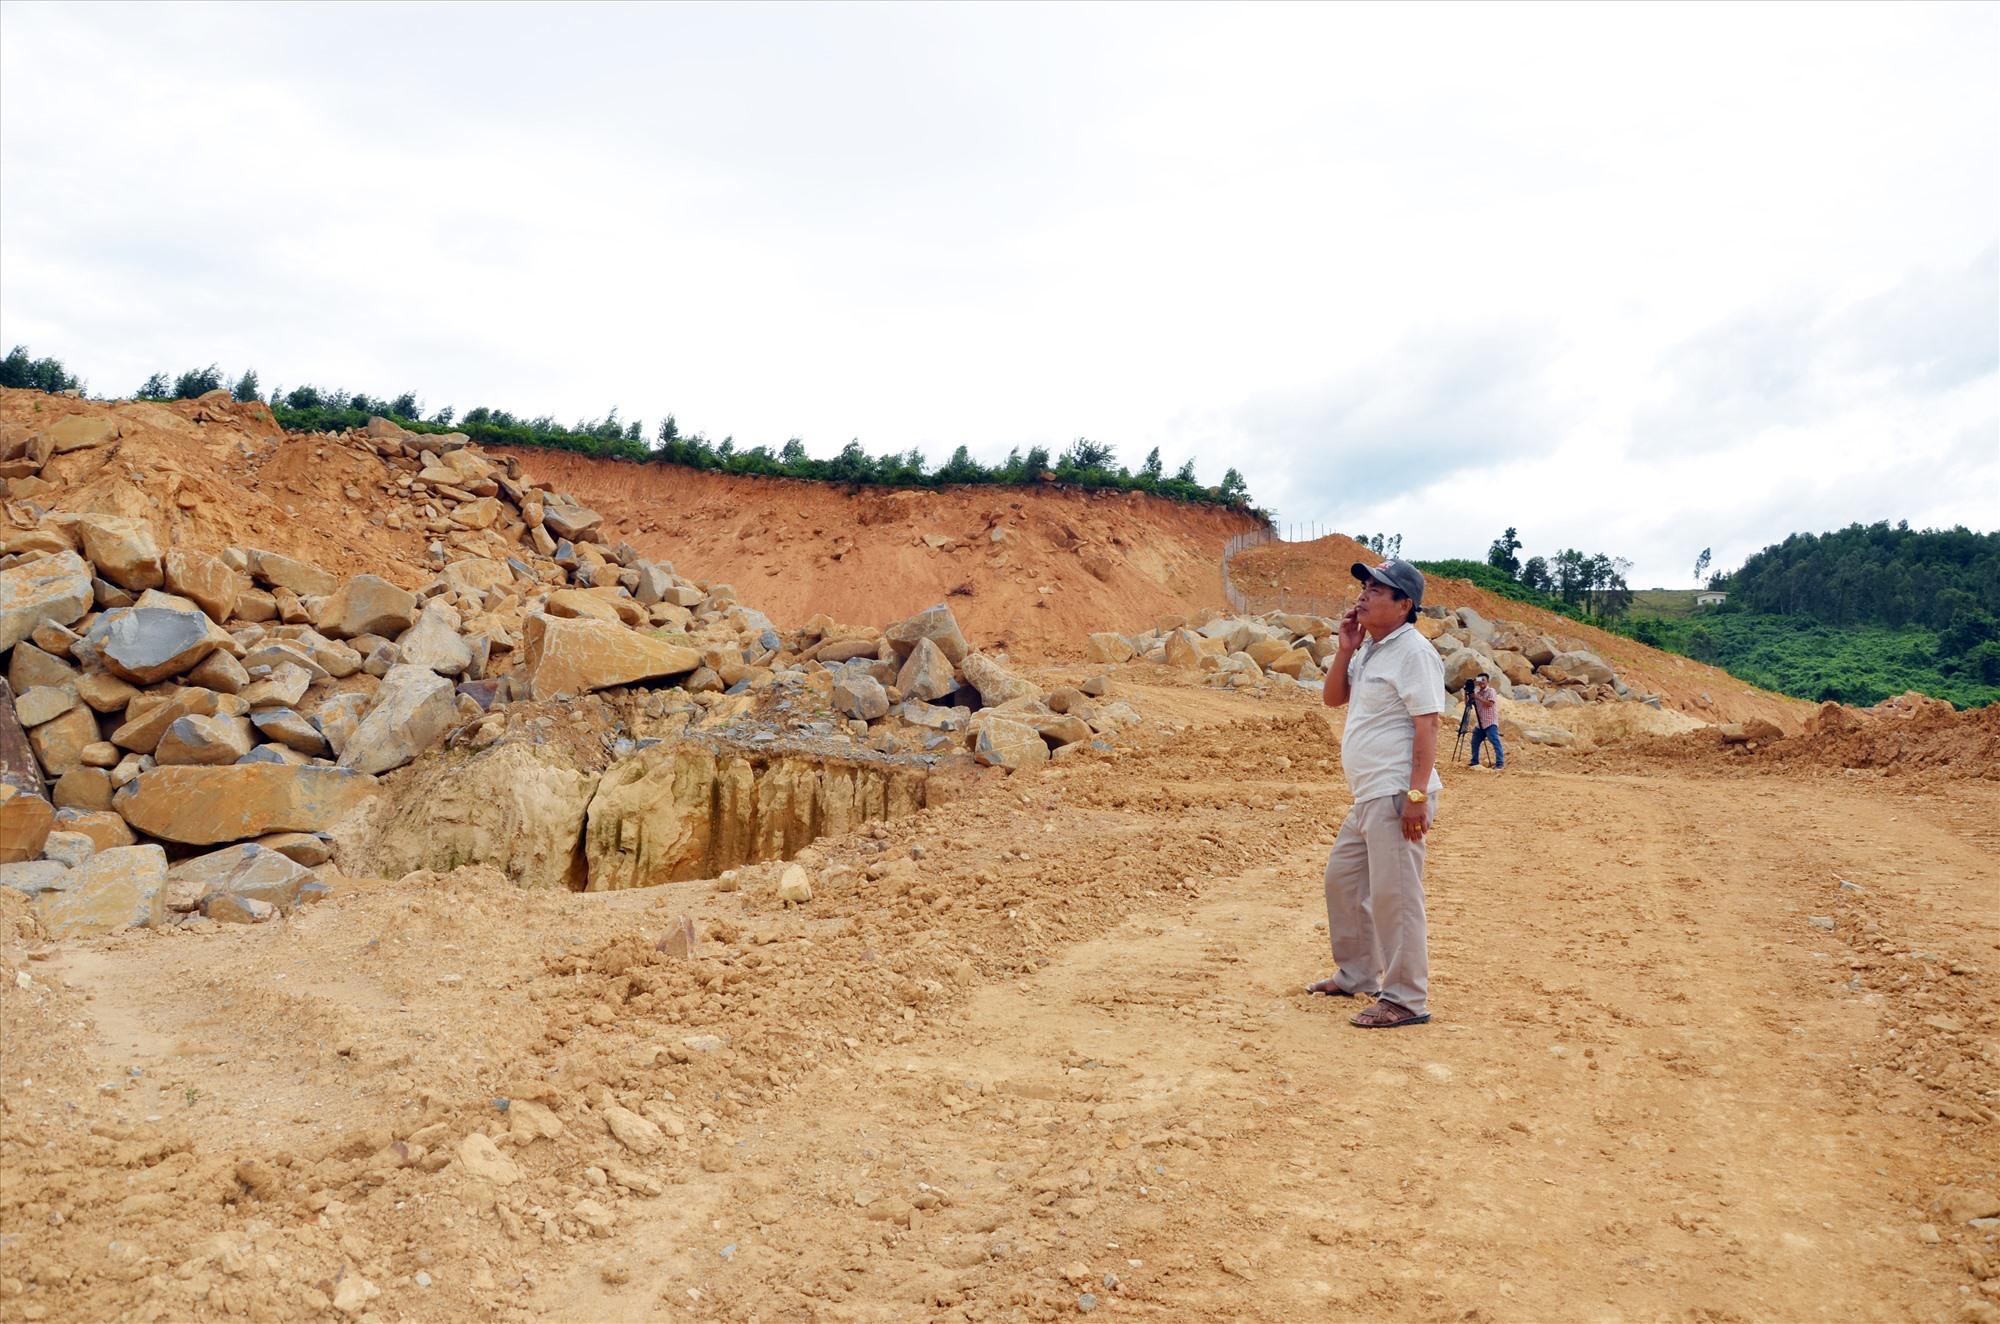 Việc bổ sung quy hoạch khoáng sản làm vật liệu xây dựng thông thường là cần thiết. TRONG ẢNH: Một mỏ đất tại xã Đại Hiệp, huyện Đại Lộc. Ảnh: H.P